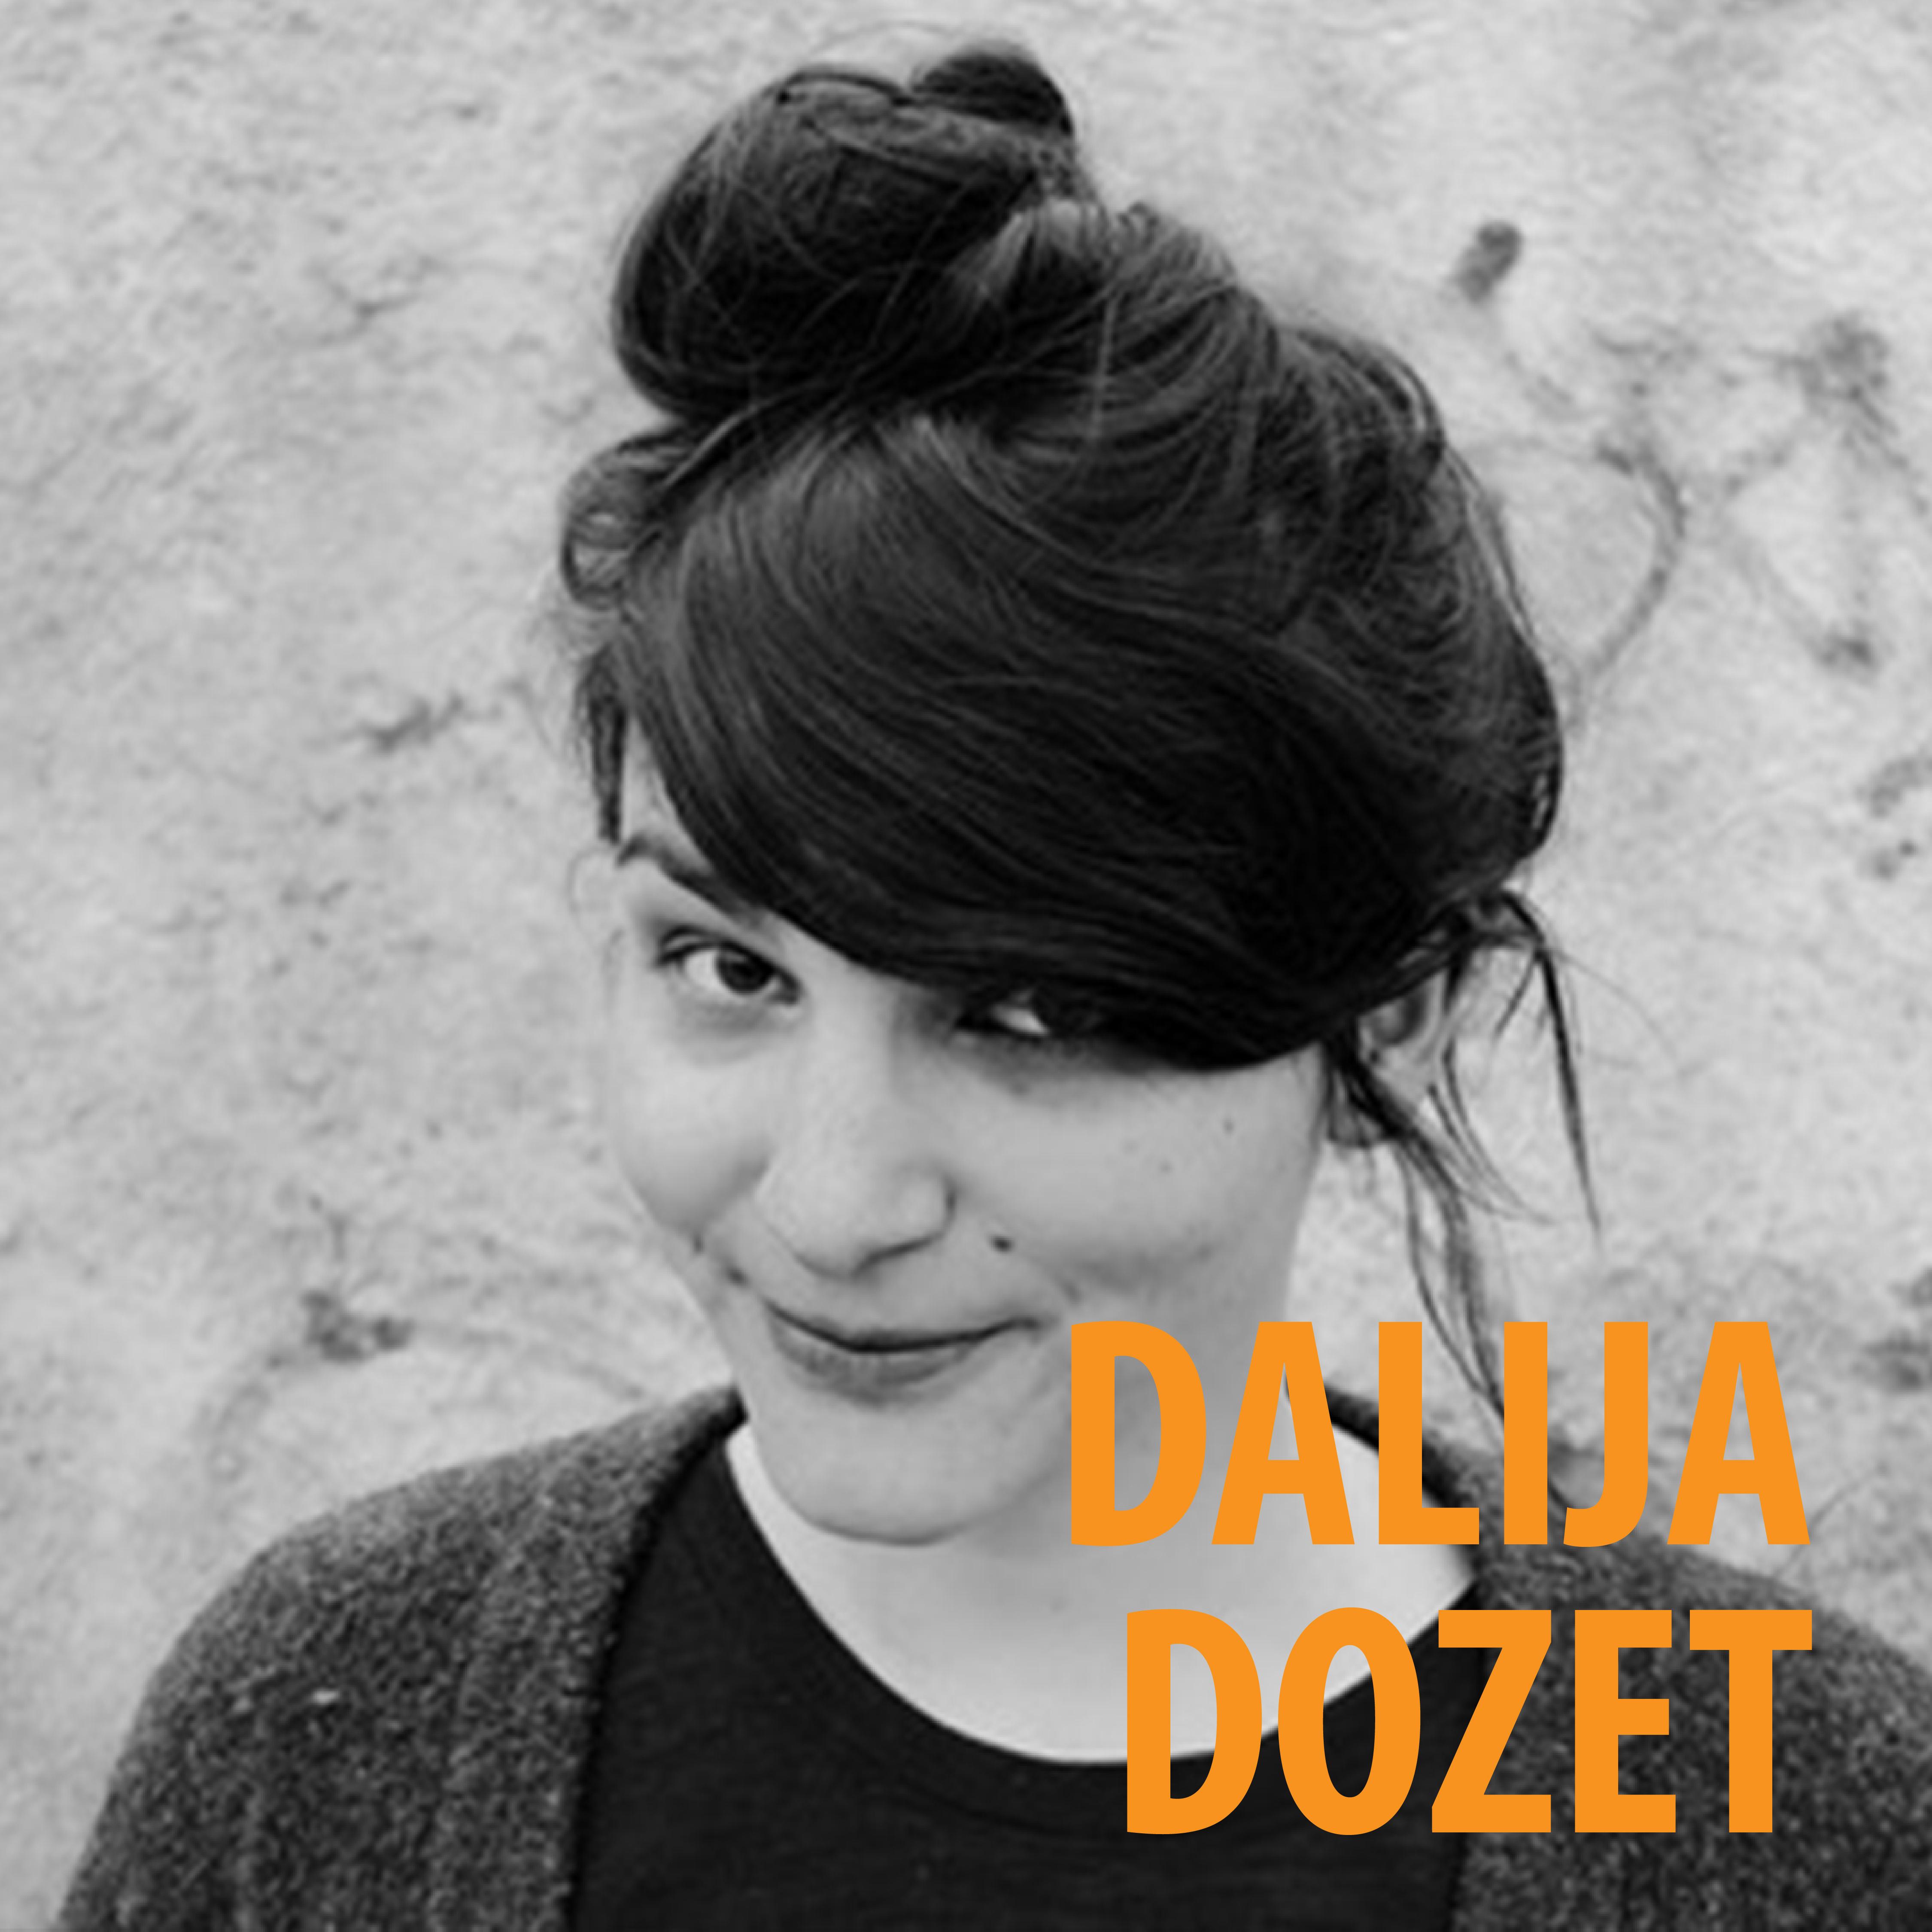 Dalija Dozet